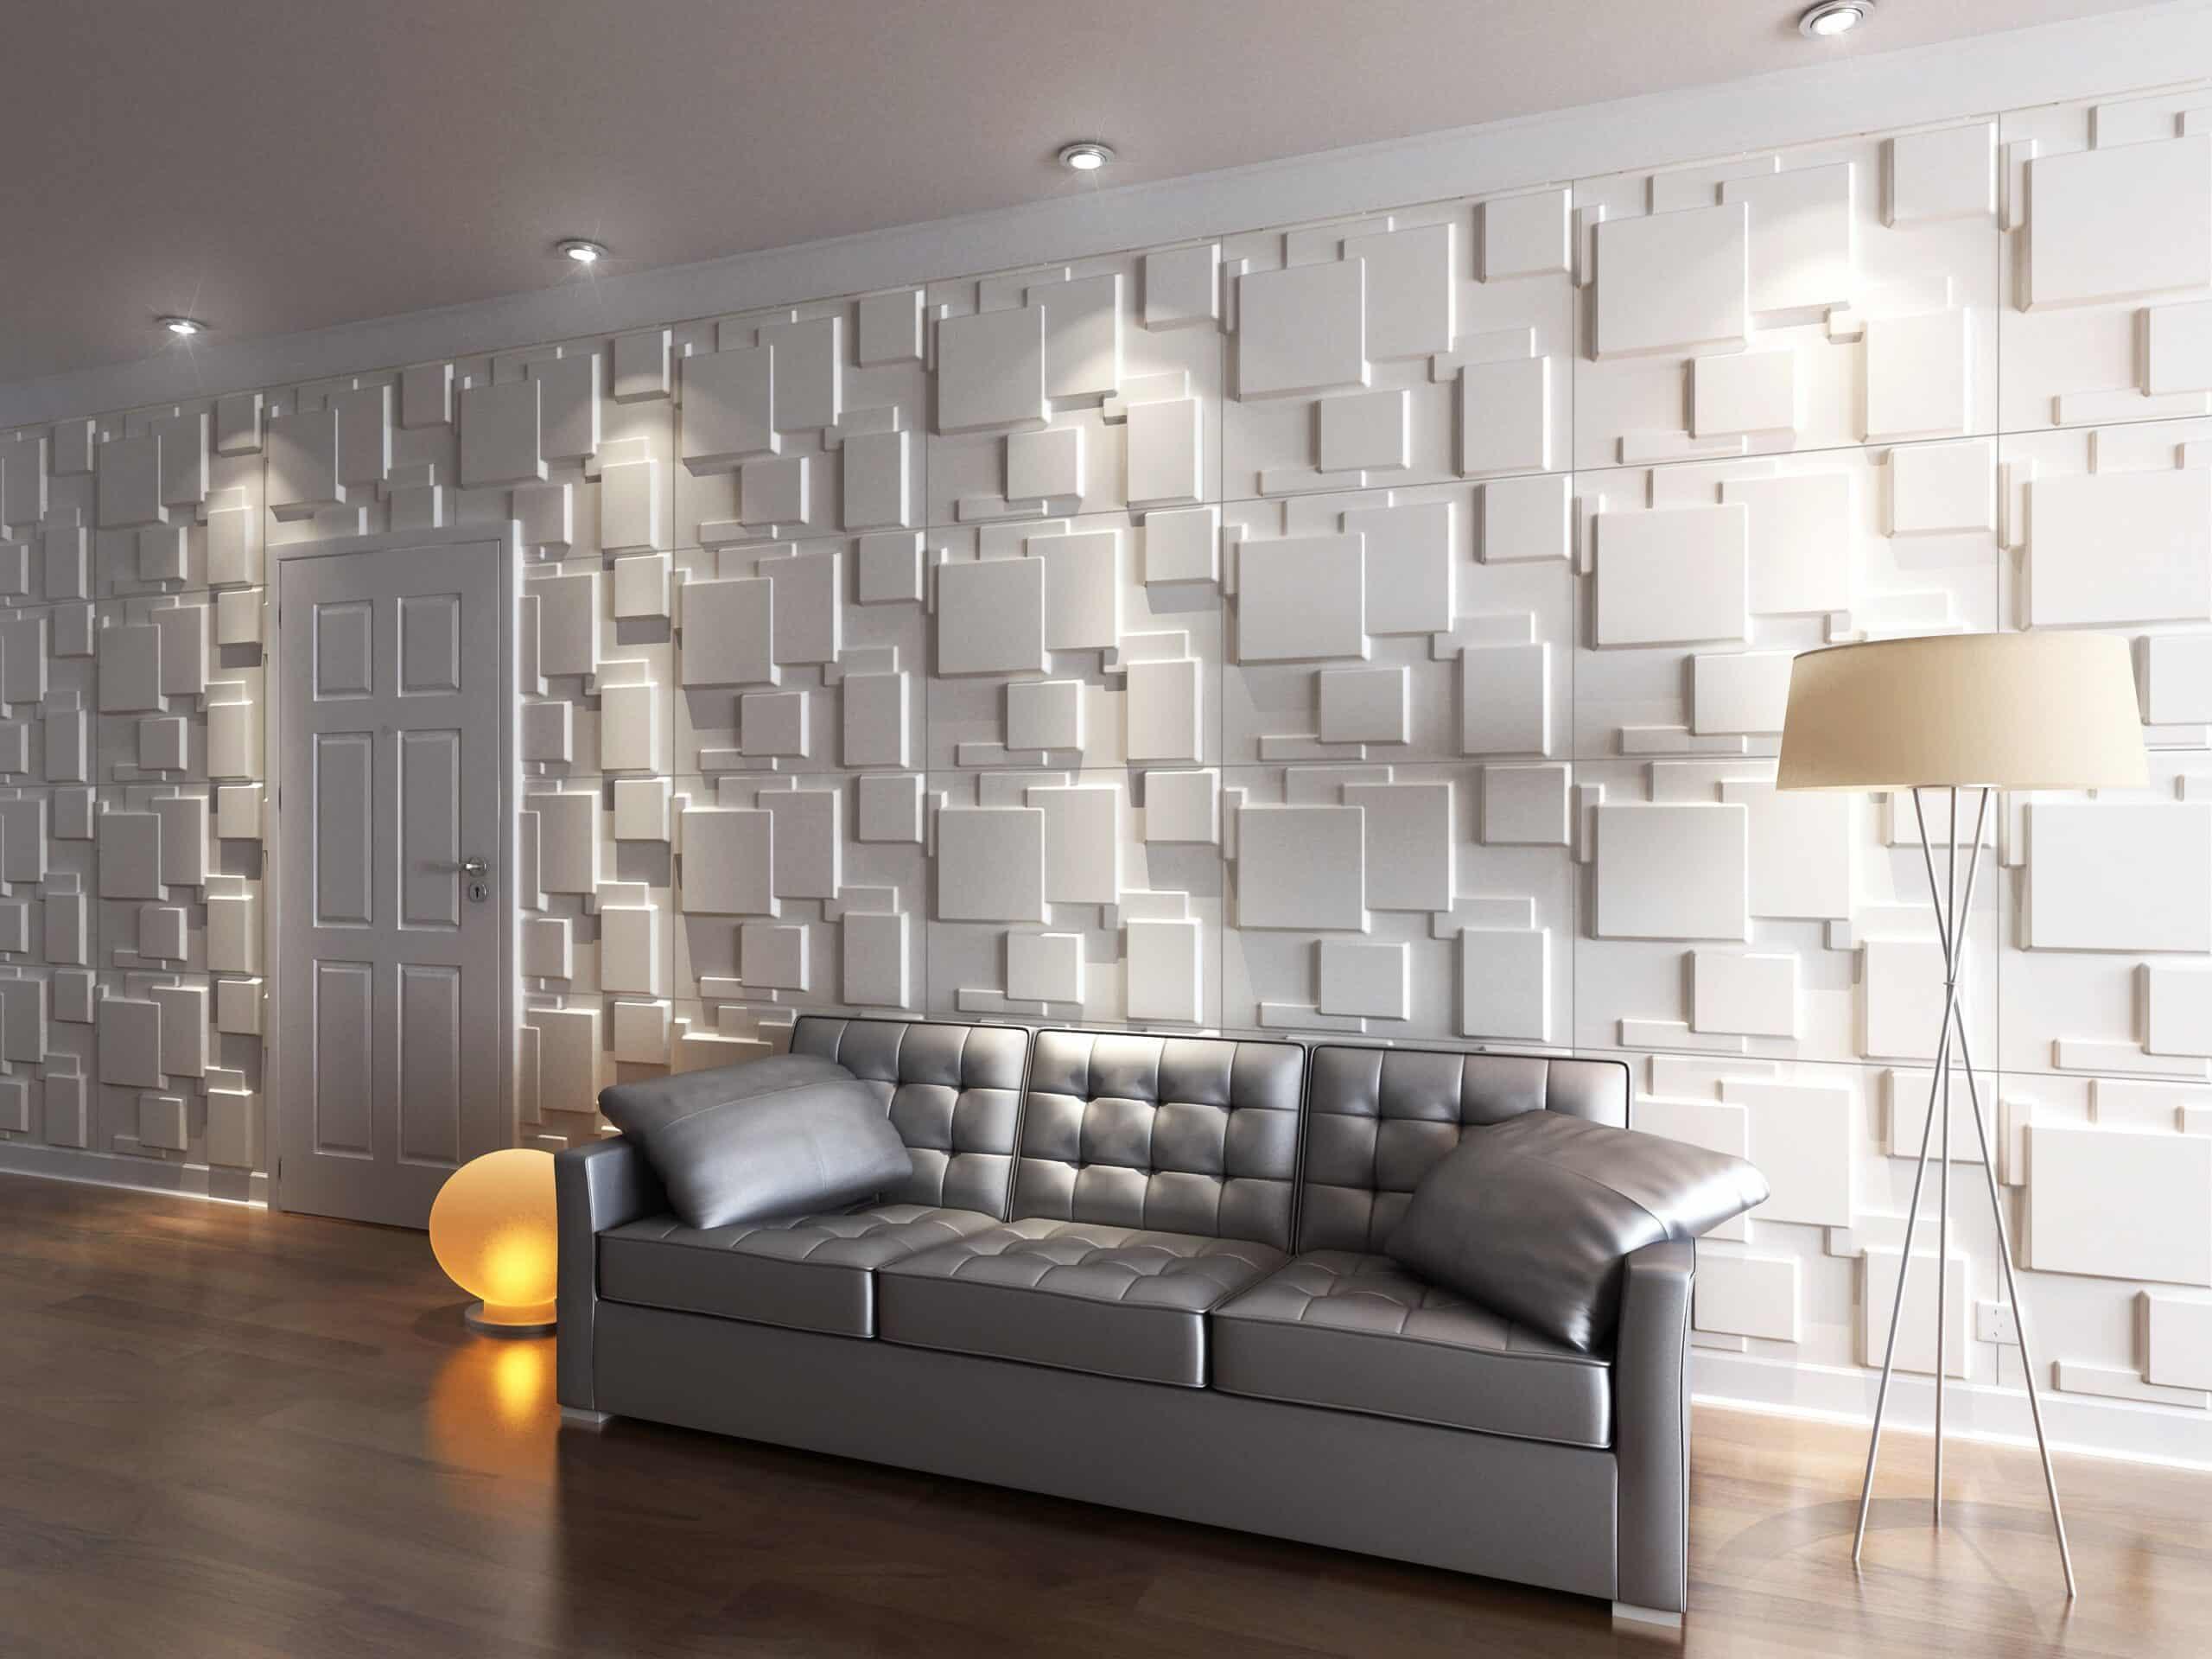 Deco Mur Pas Cher décoration murale, idée conseil déco des murs